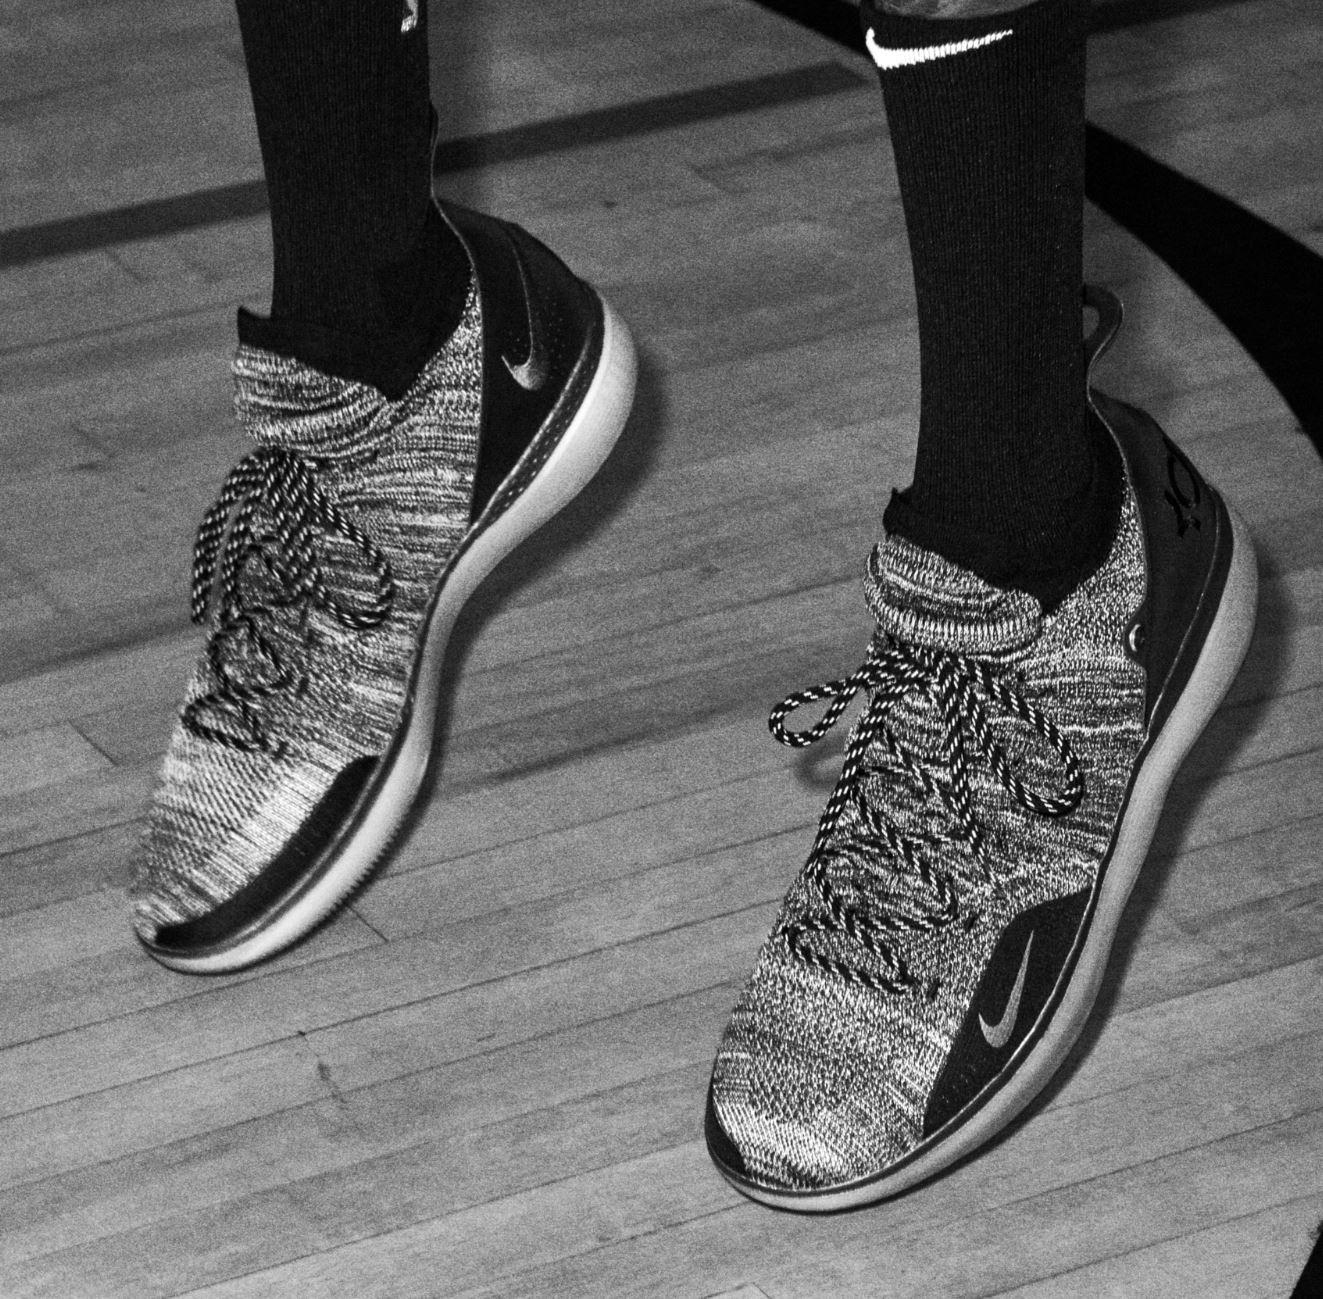 Nike KD 11 to Maintain KD 10 Price